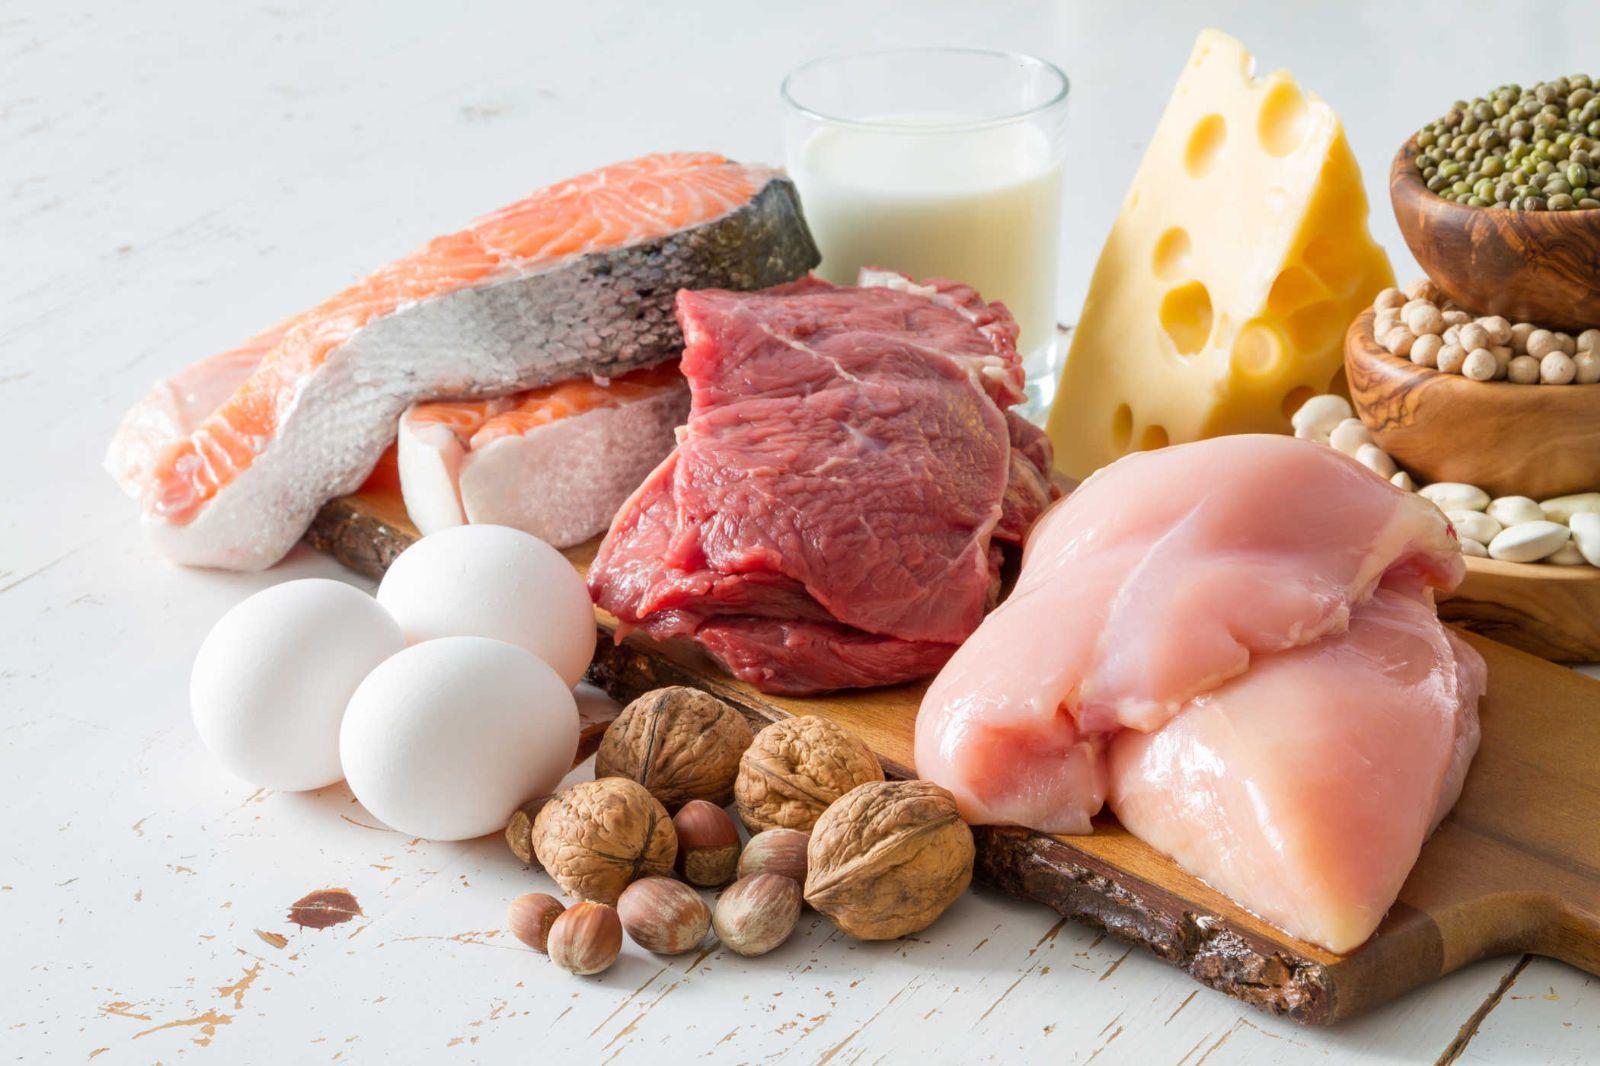 Chế độ ăn uống Eccrine angiohamartoma